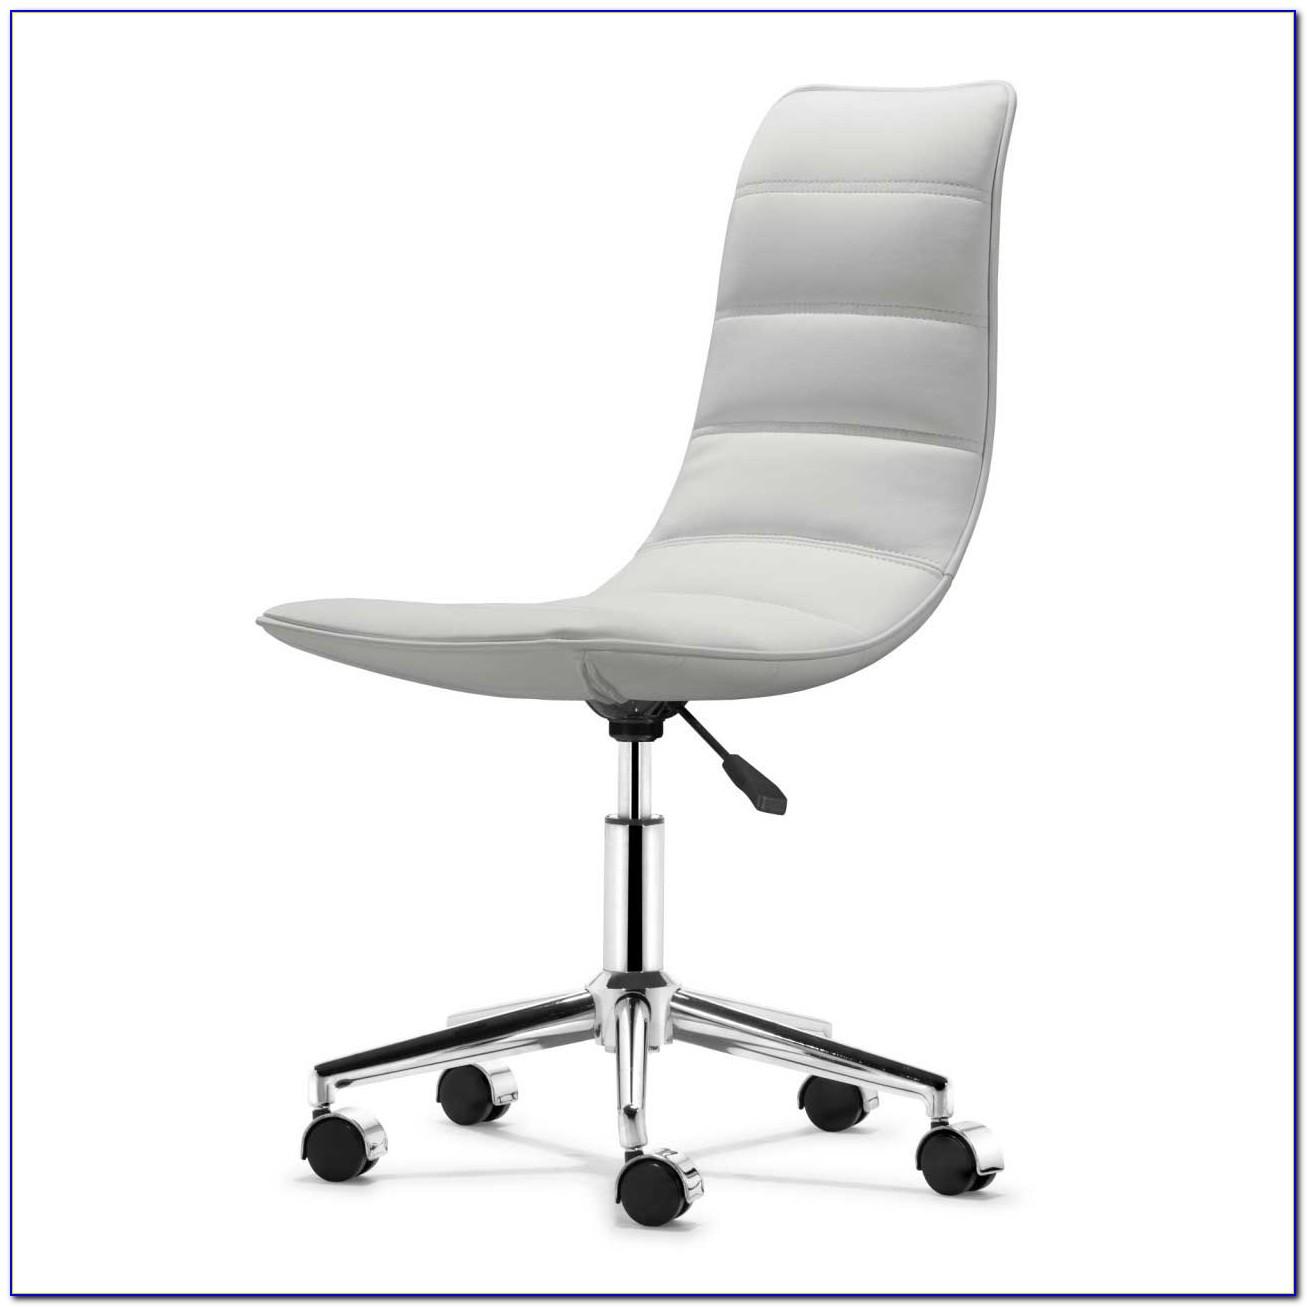 White Armless Desk Chair